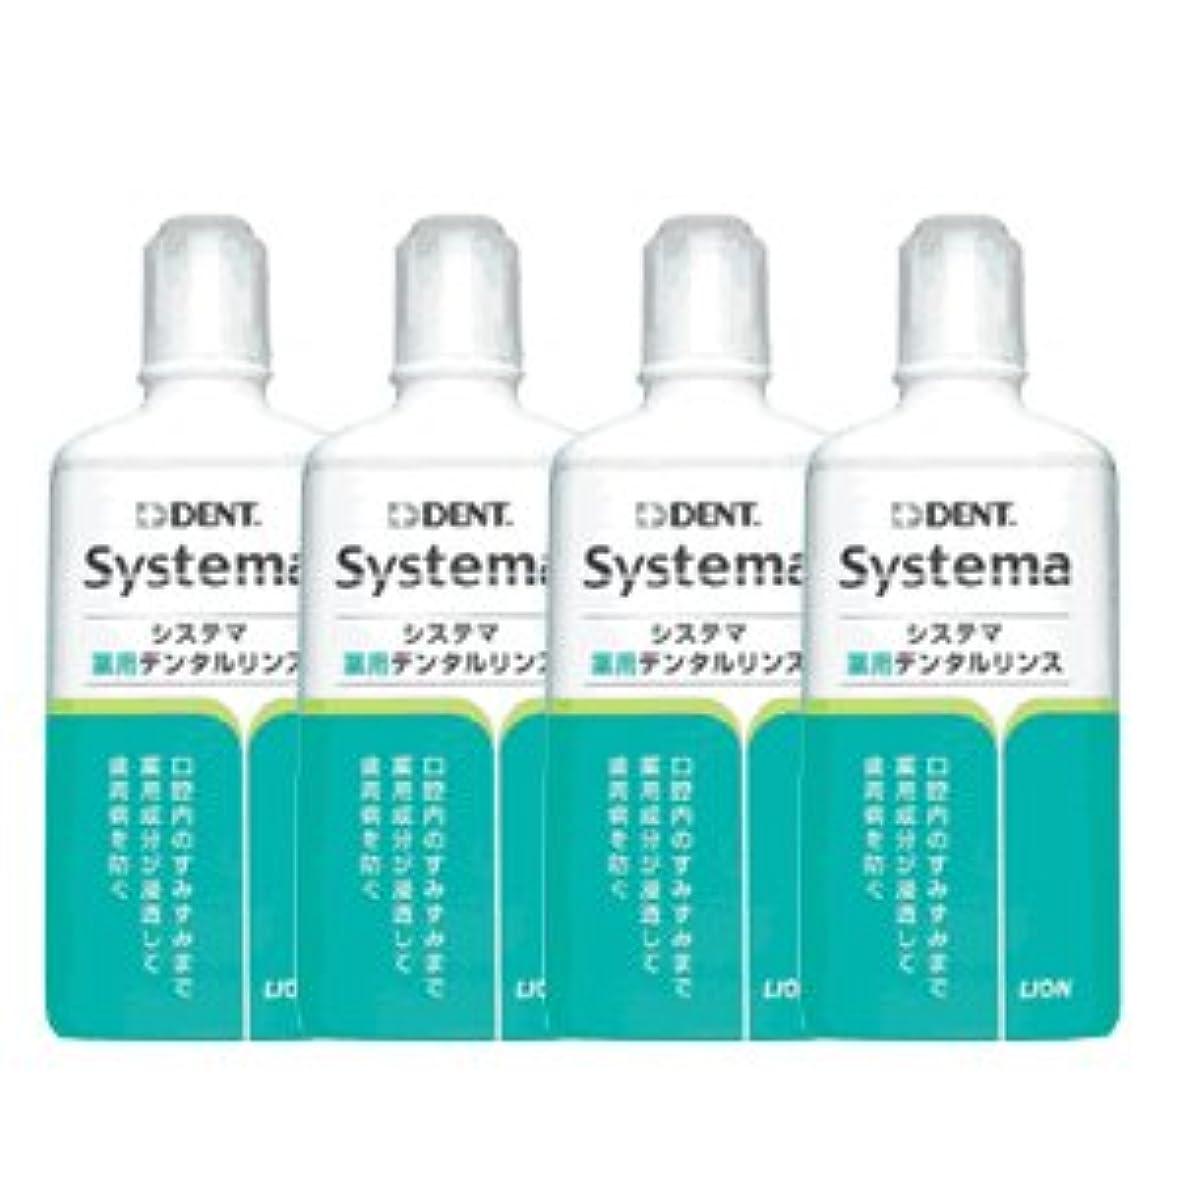 安全留め金商業のライオン システマ 薬用 デンタルリンス 450ml レギュラータイプ 4本セット 医薬部外品